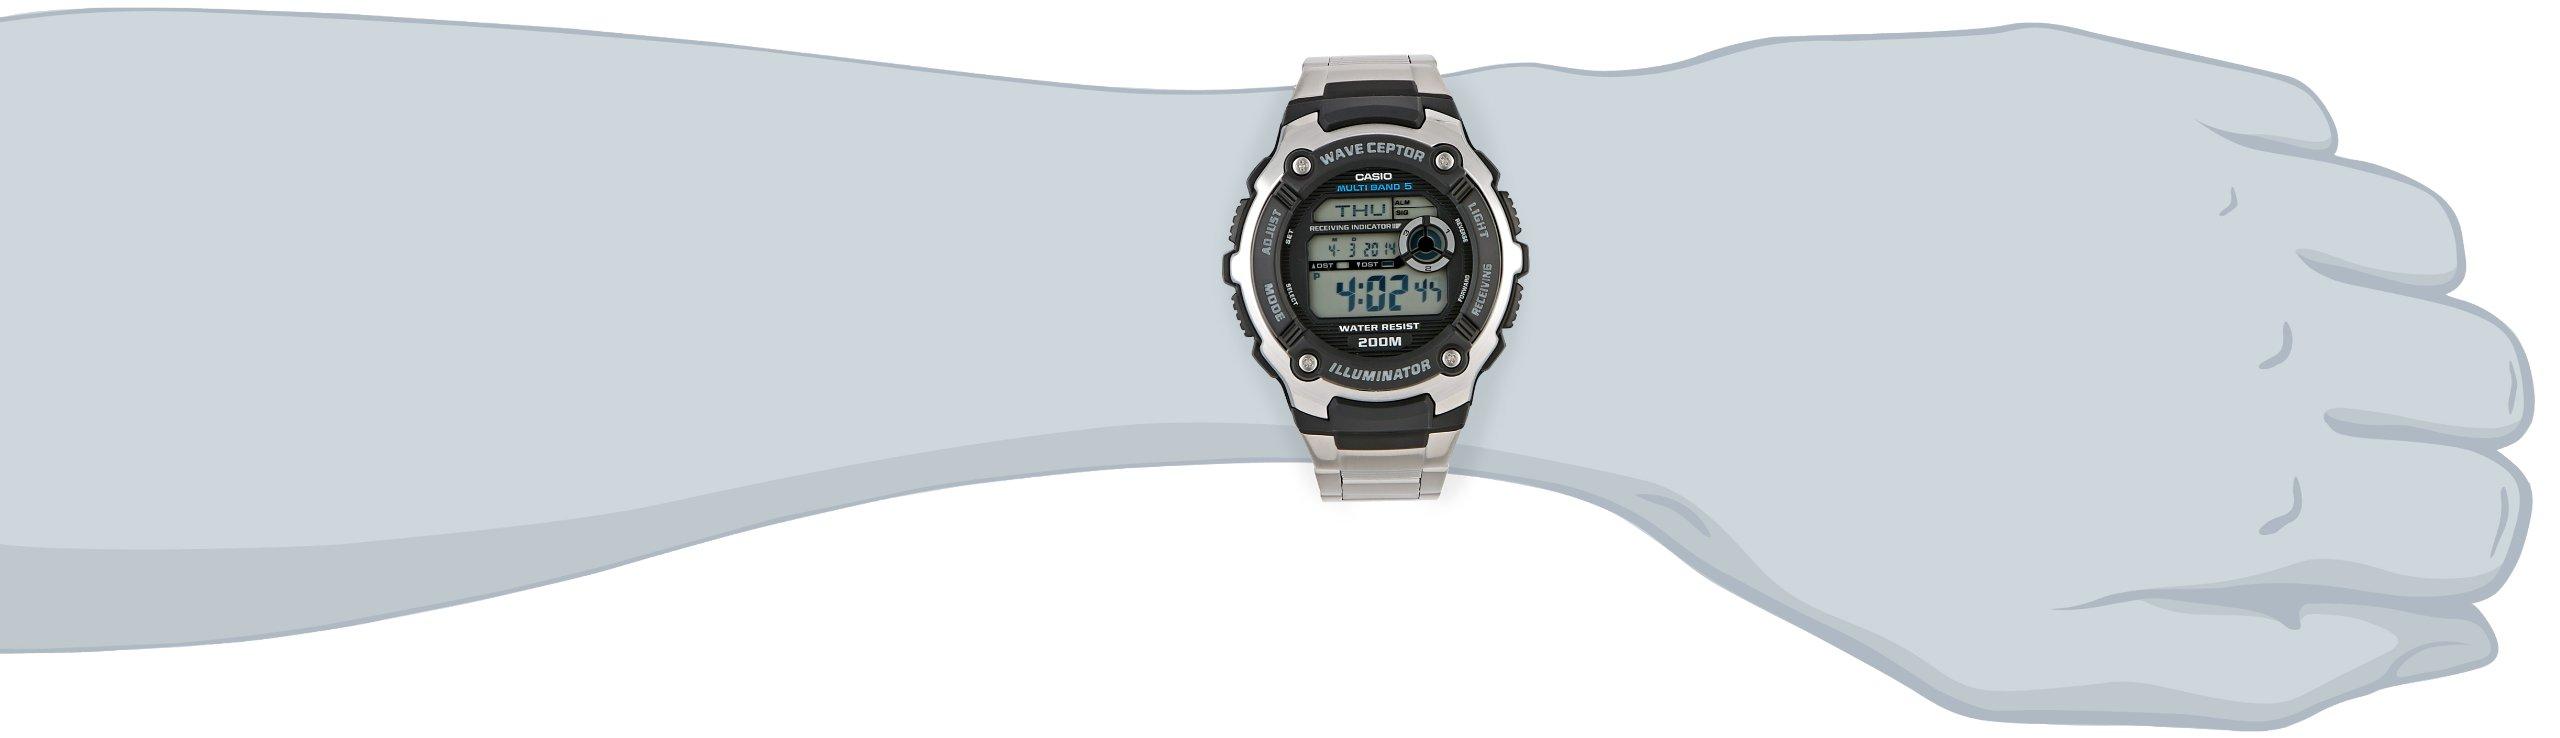 Casio-Wave-Ceptor-Herrenarmbanduhr-WV-200DE-1AVER-Funkuhr-schwarz-massives-Edelstahlarmband